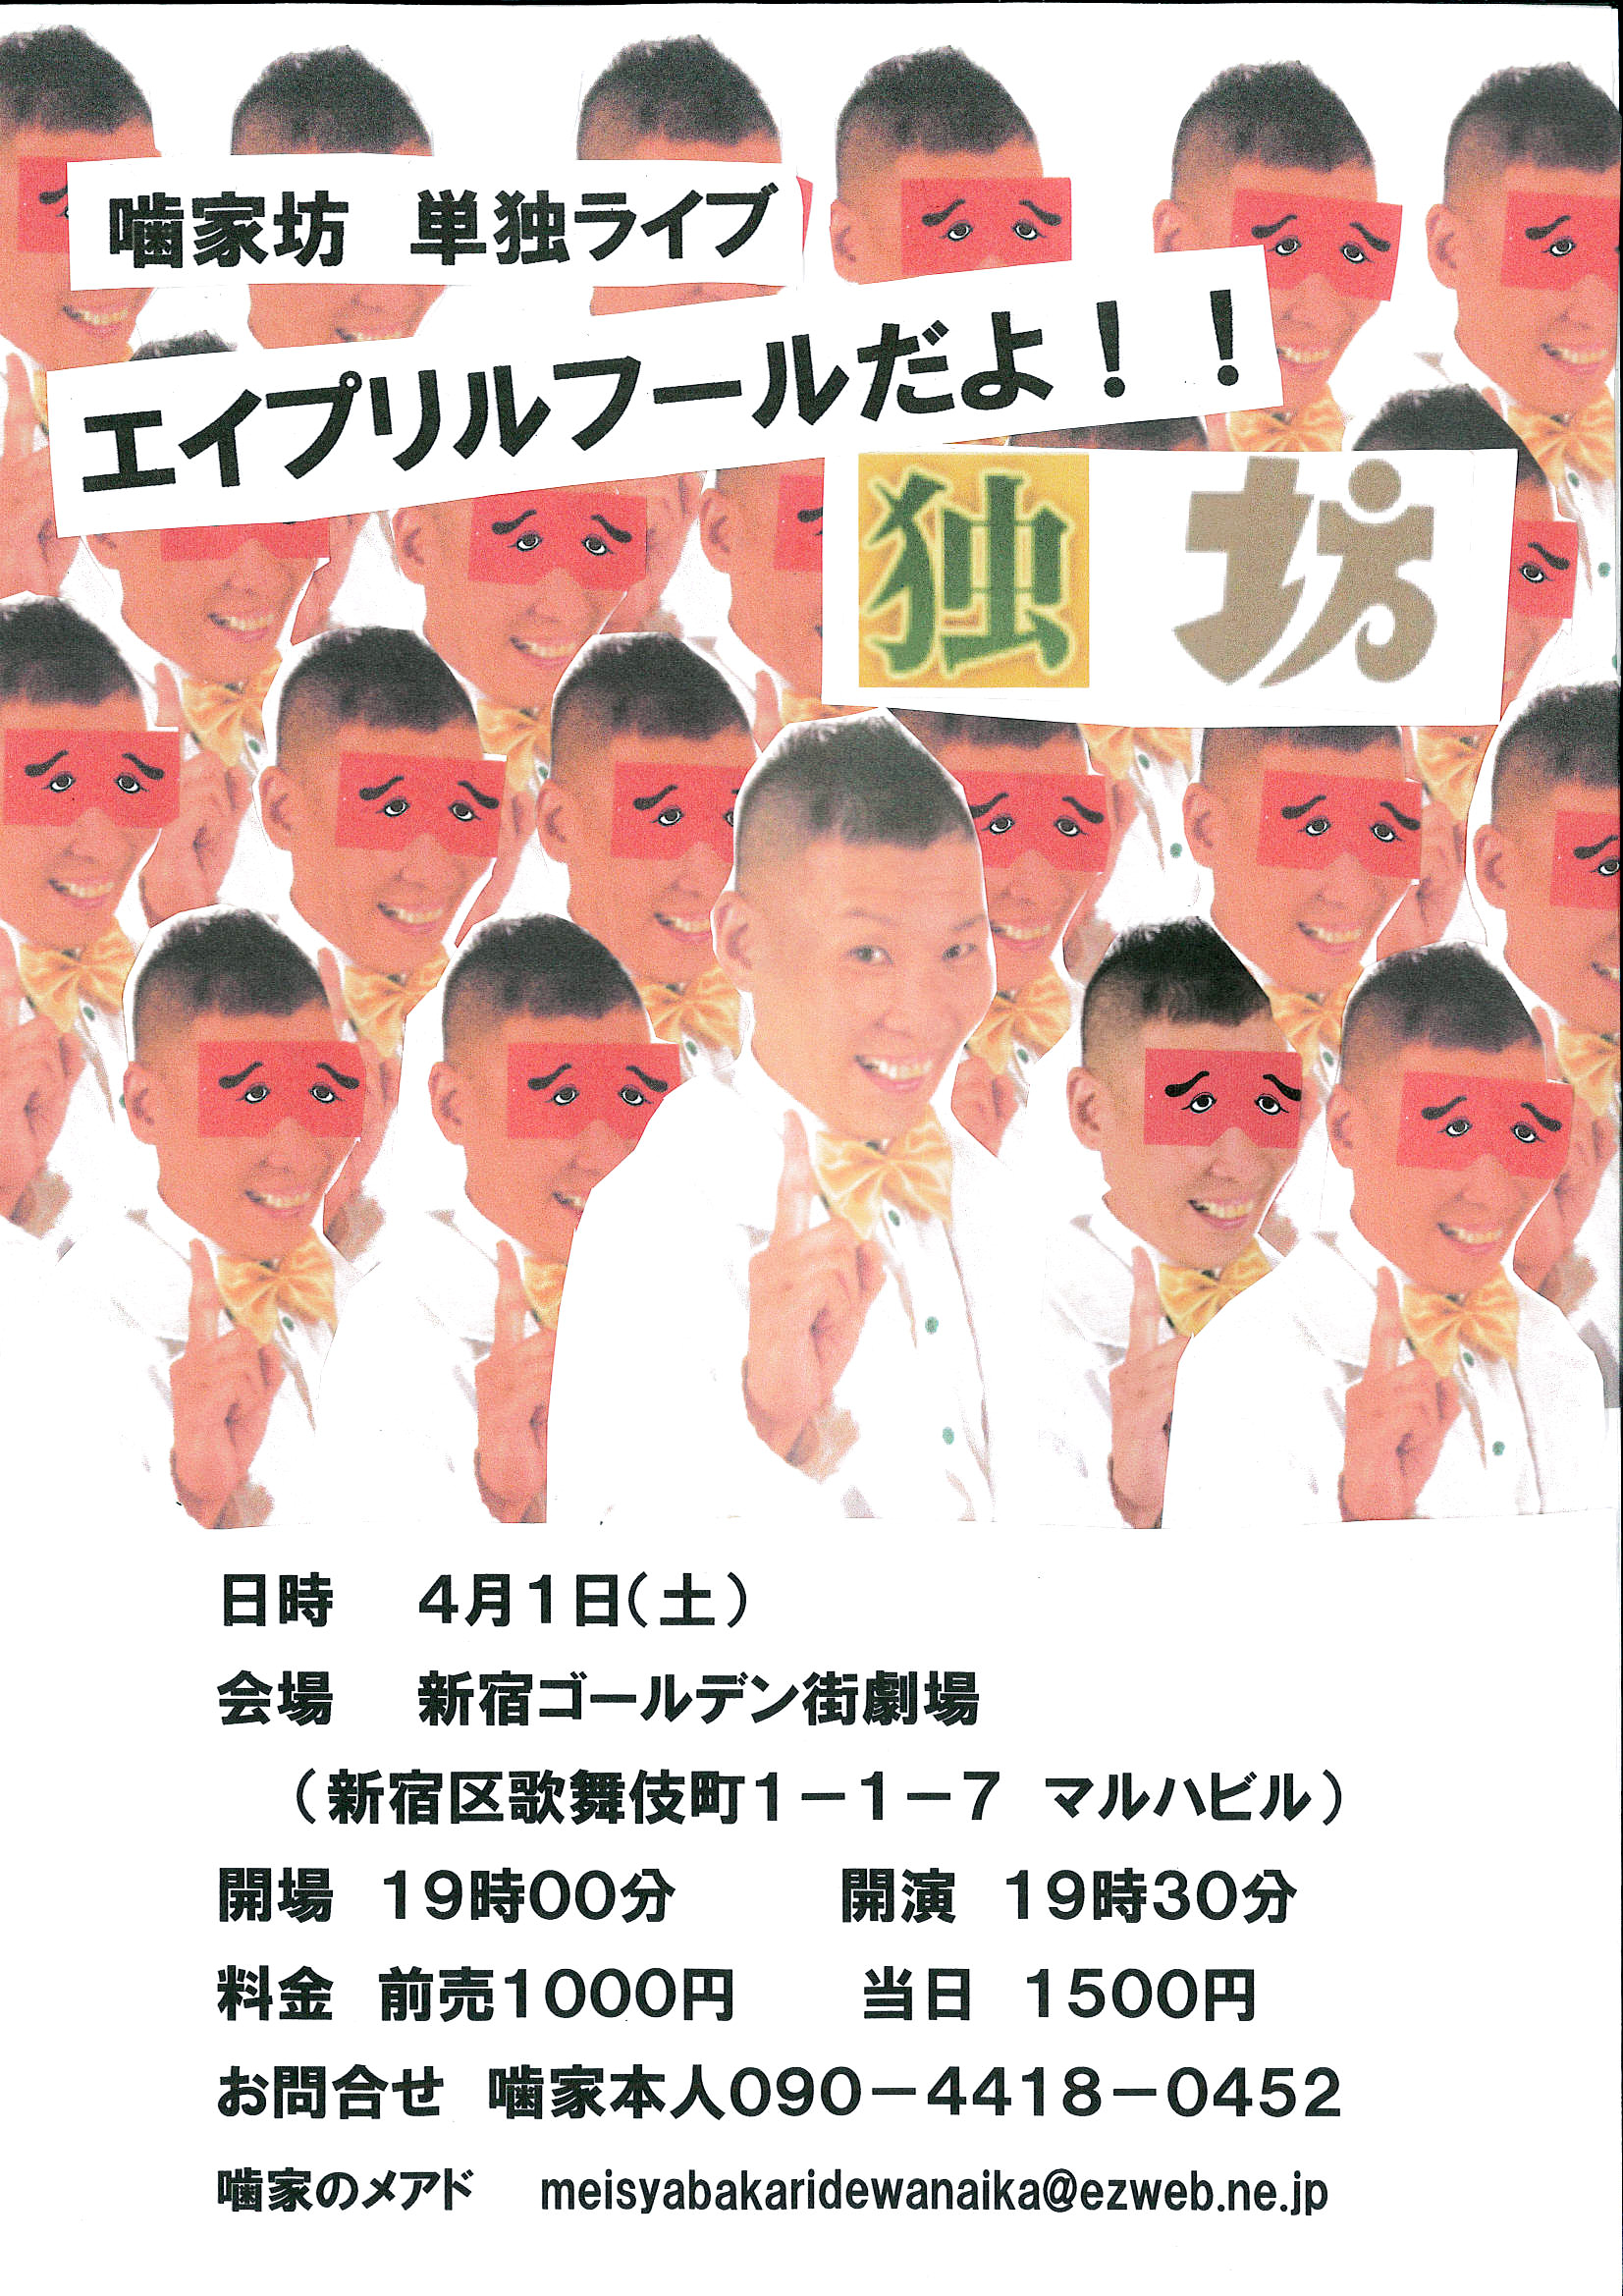 【噛家坊出演】噛家坊LIVE 「独坊」